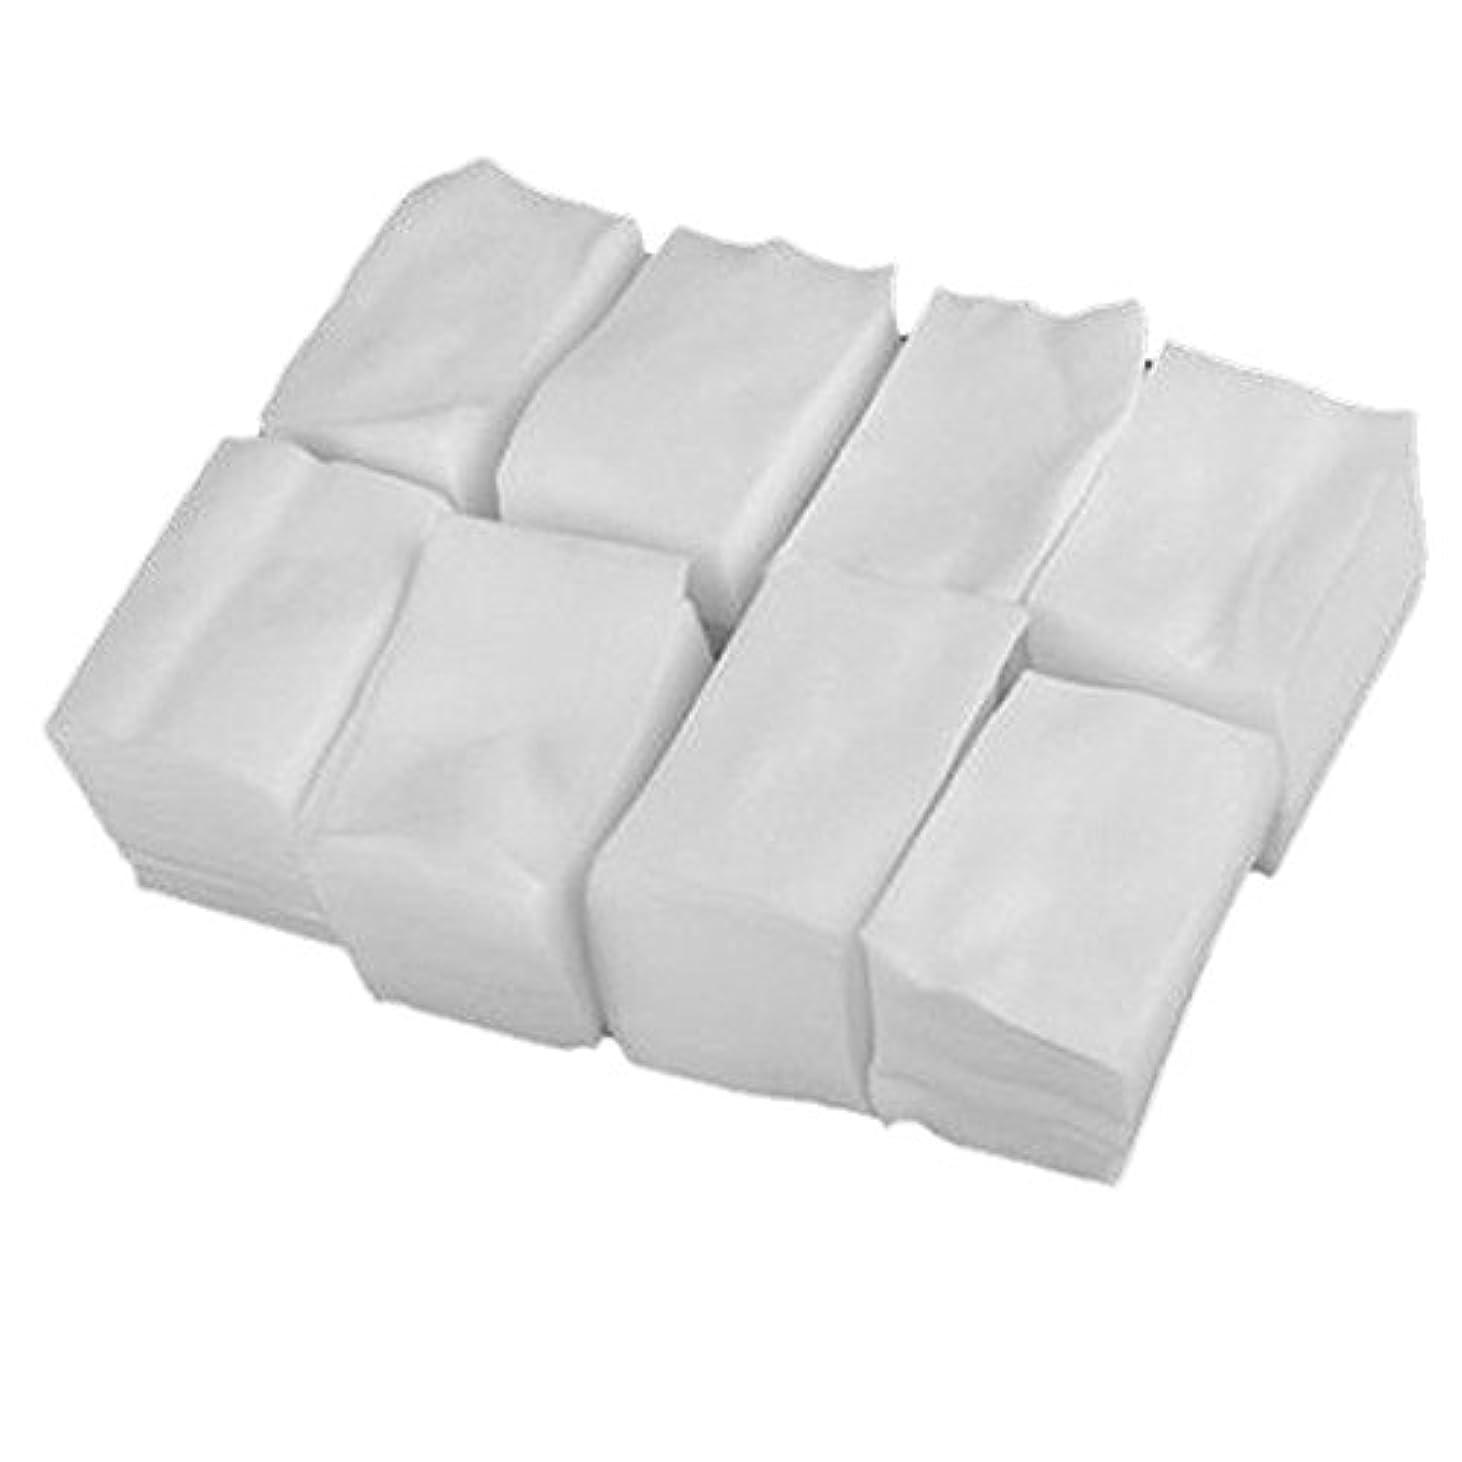 巨人一握りダメージVi.yo ネイル ジェル ワイプ 天然素材 不織布 コットン ジェルの拭き取り 油分除去 クリーニング 900枚以上